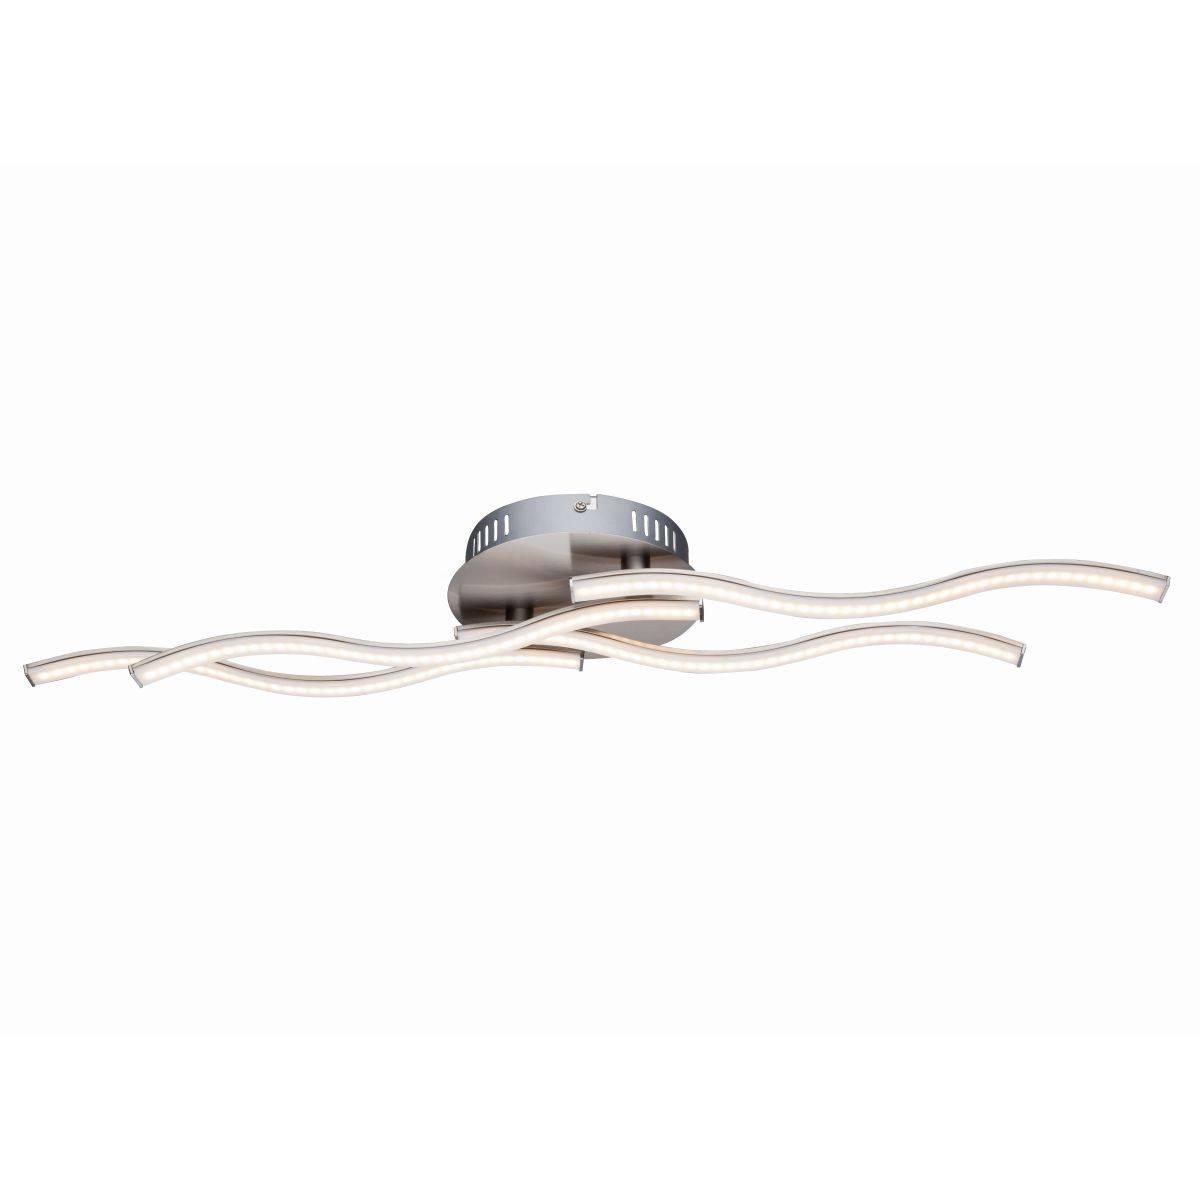 Потолочный светодиодный светильник Globo Sarka 67000-14D потолочный светодиодный светильник globo wave 67823w